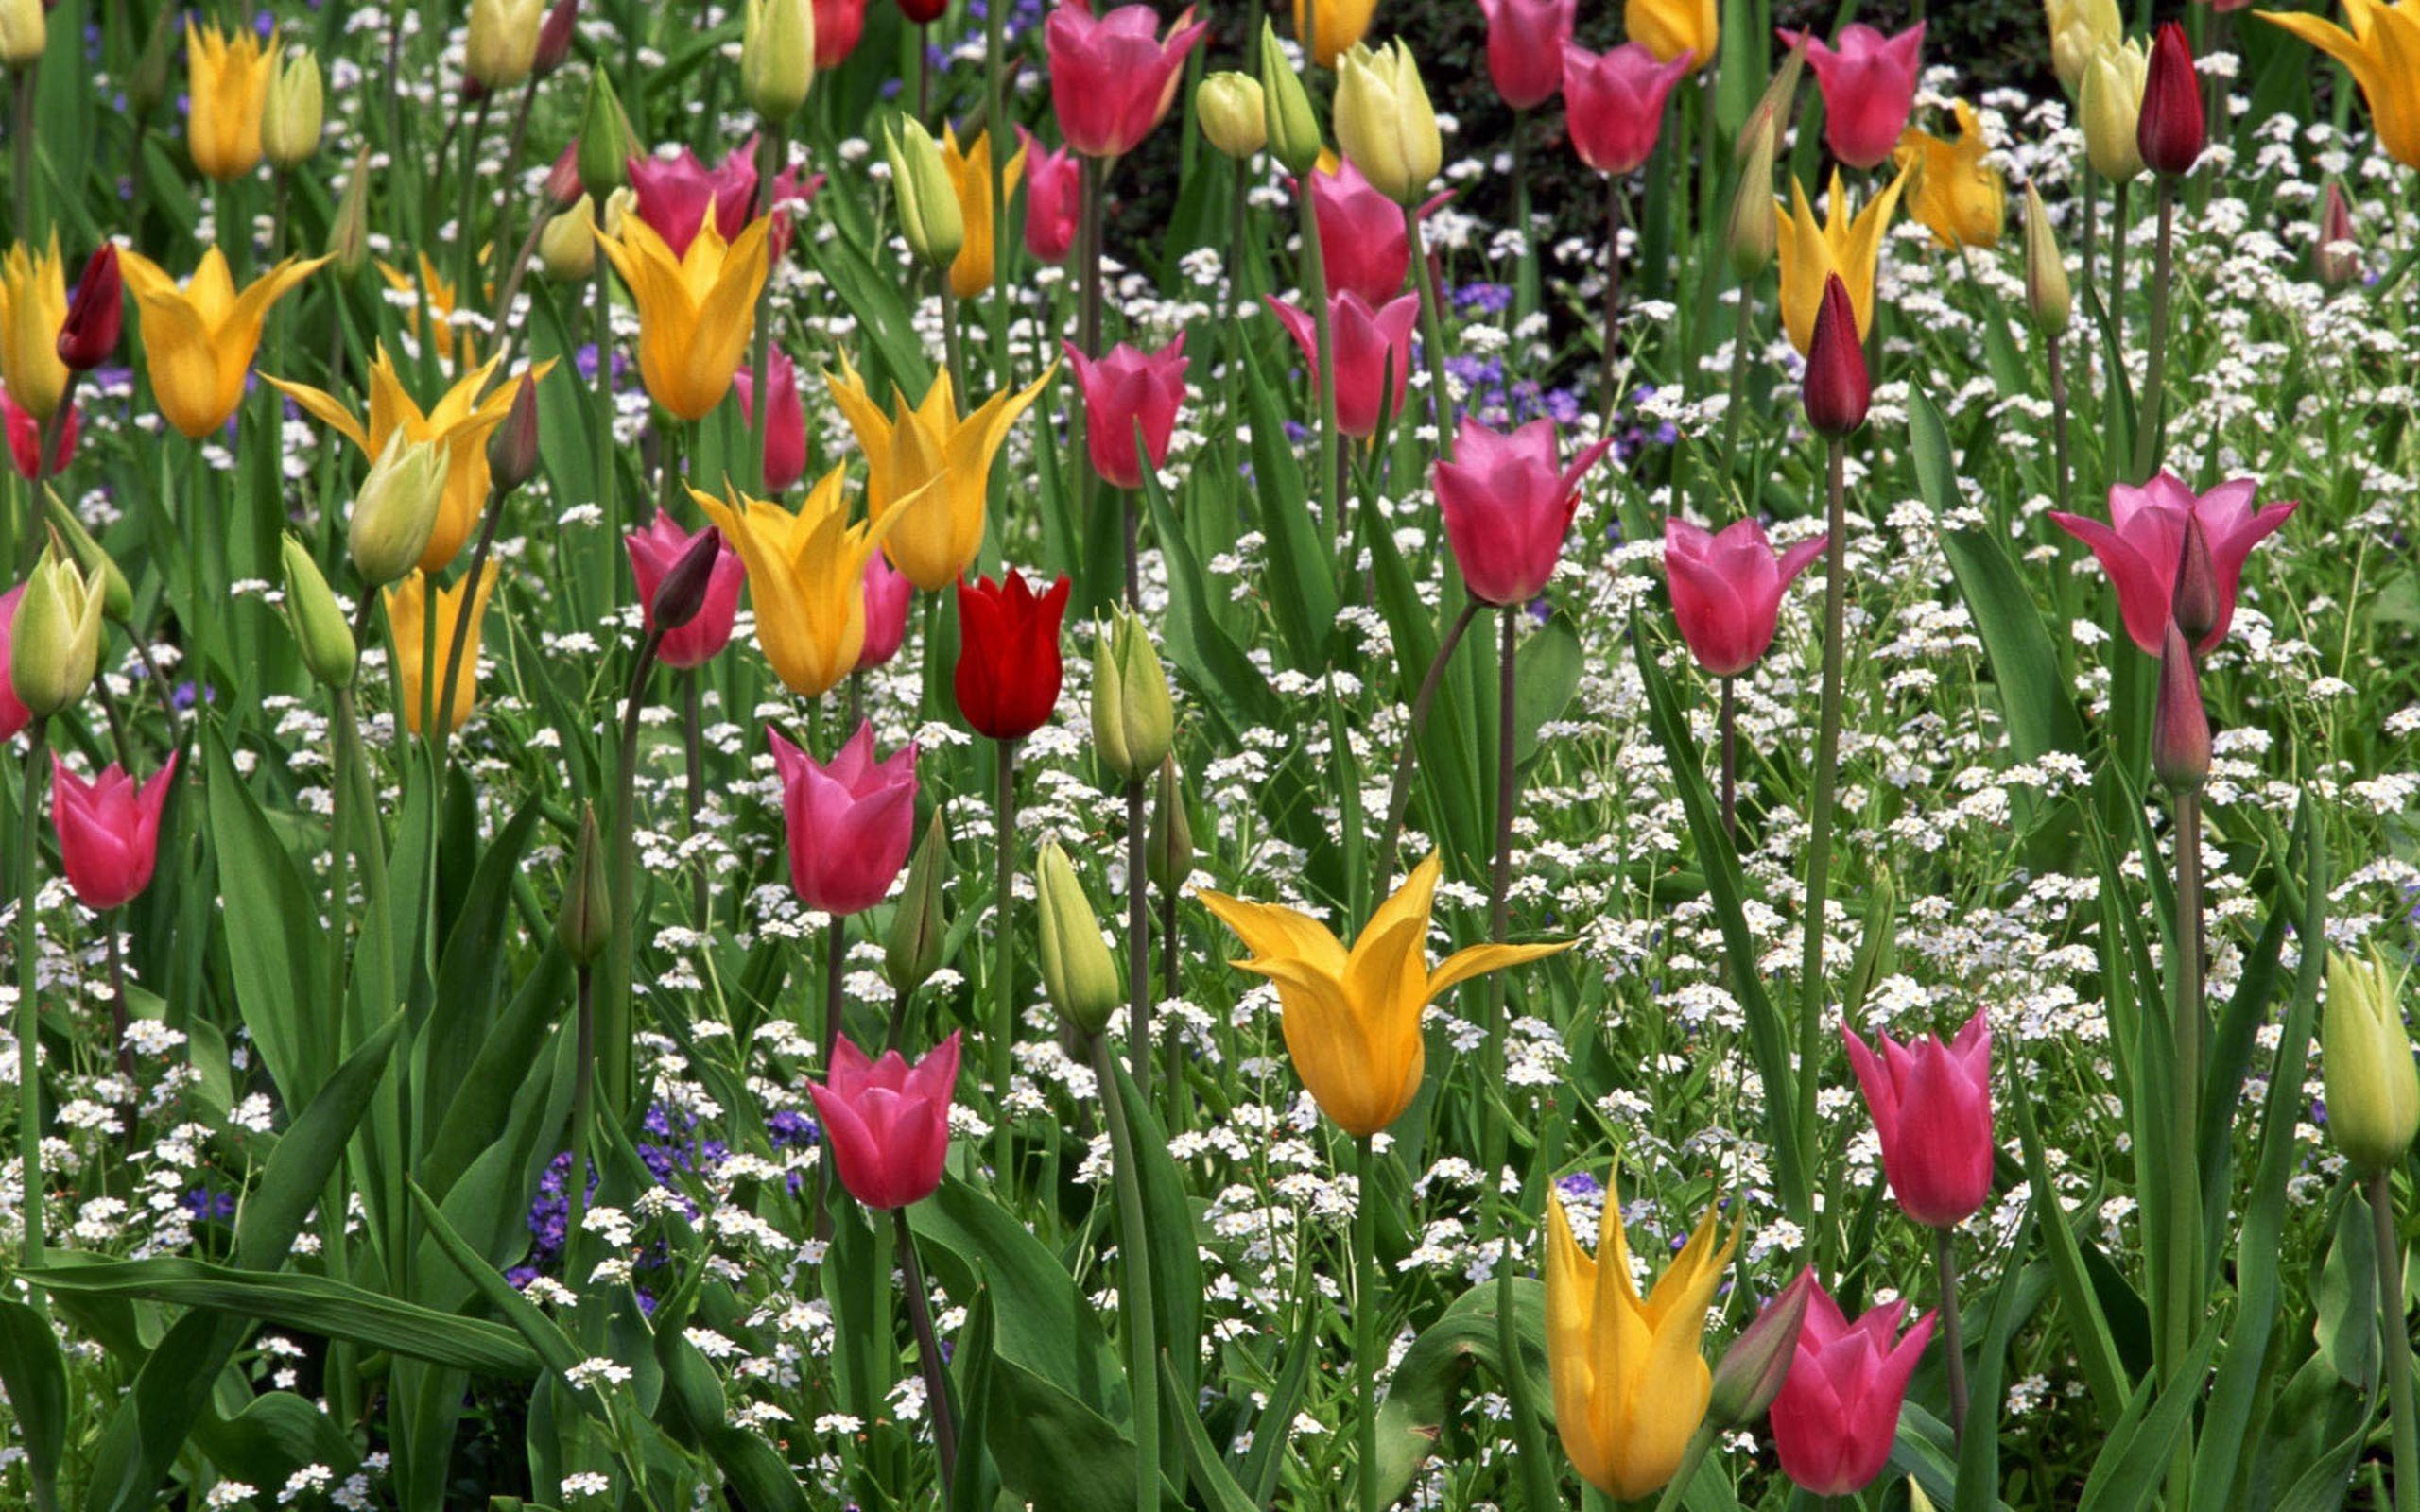 hình nền hoa tulip cho máy tính